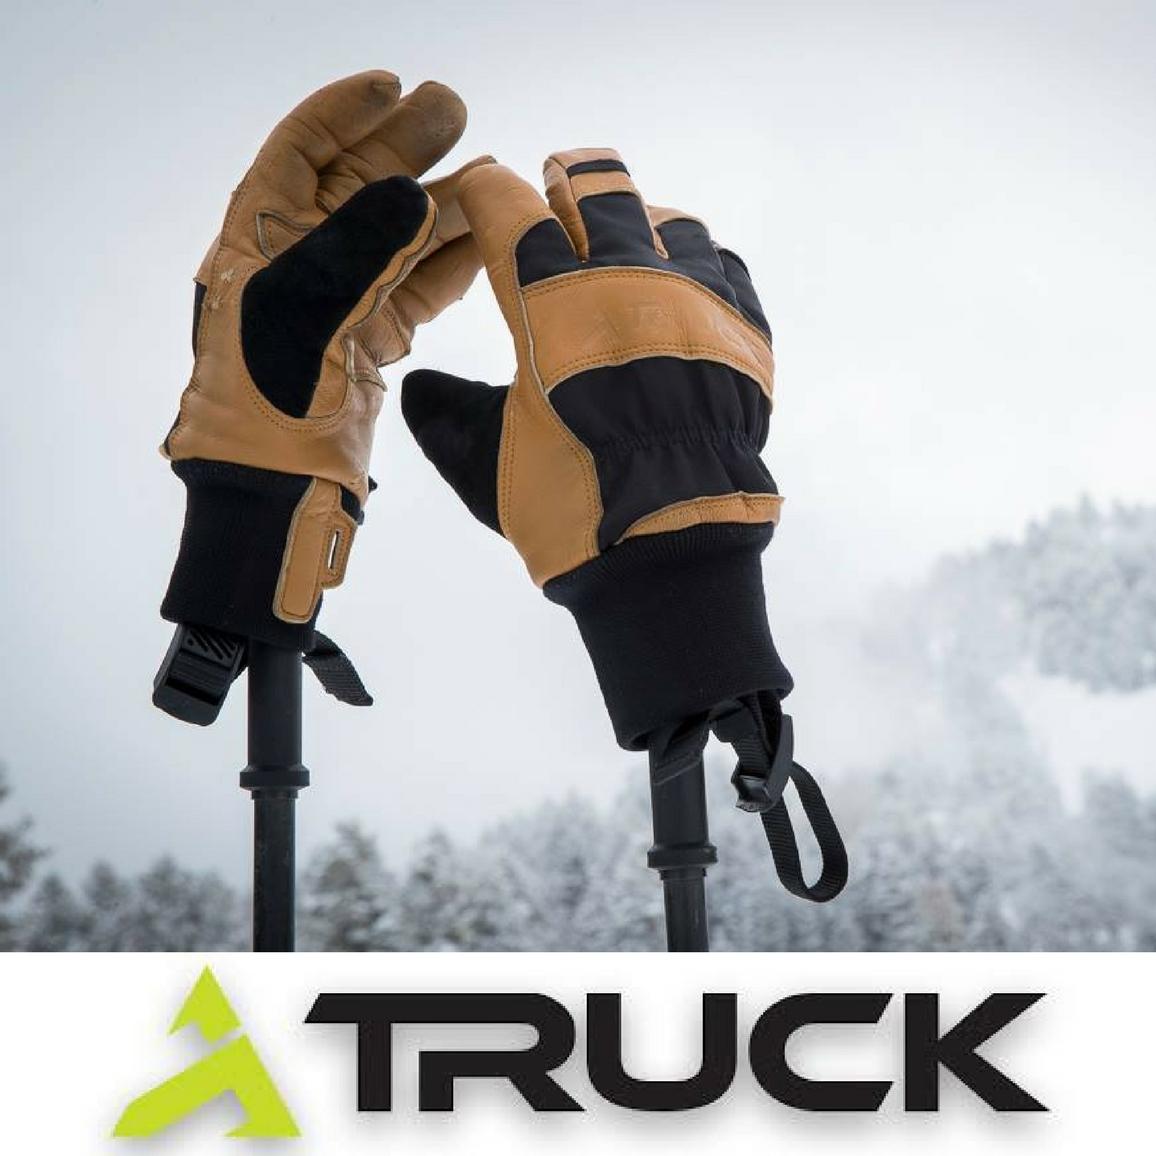 Truck gloves Brand image.jpg